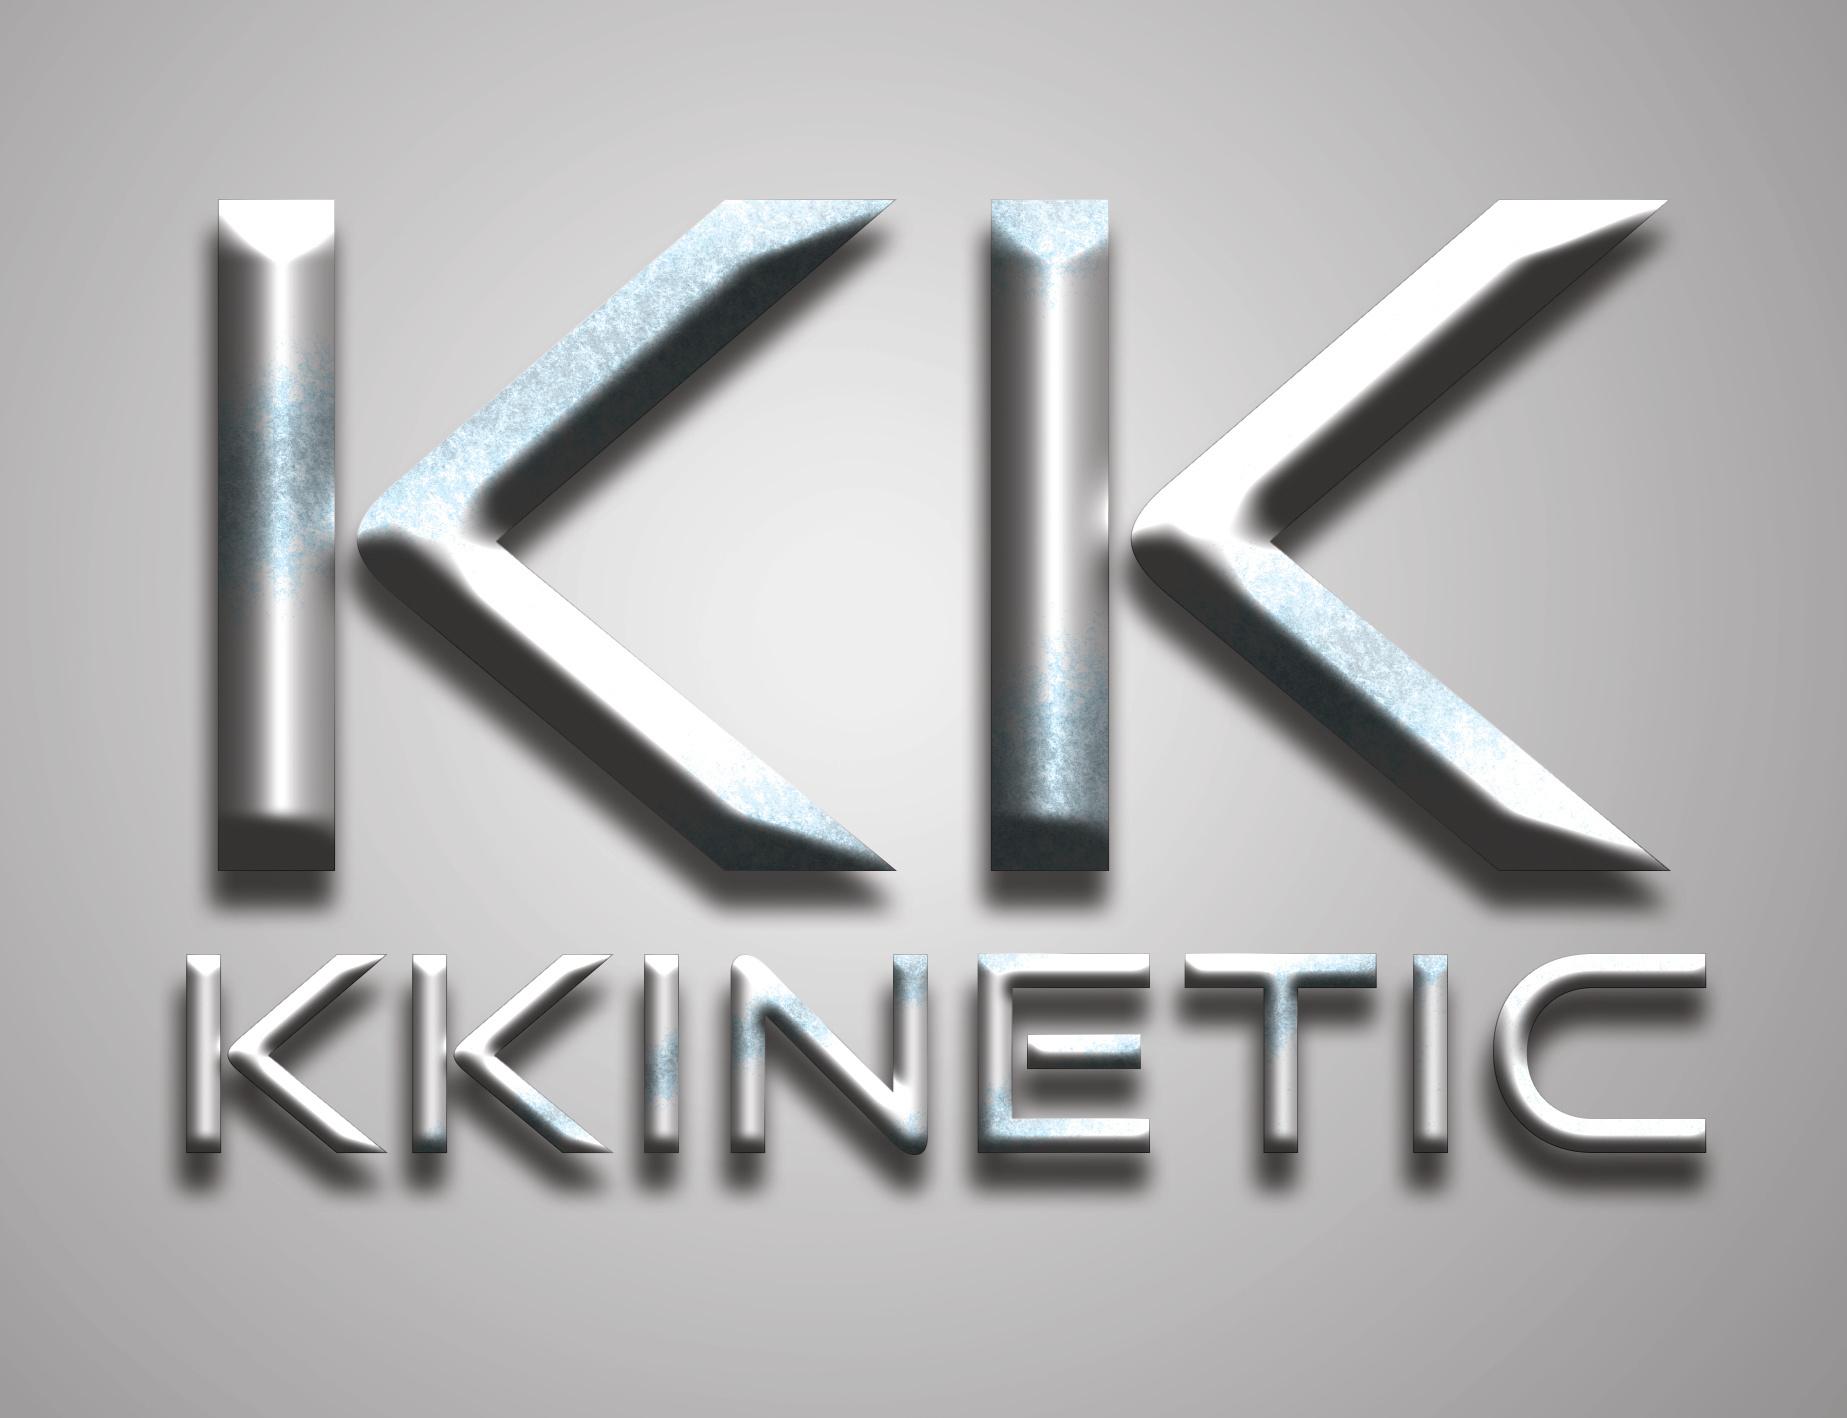 KKinetic 1